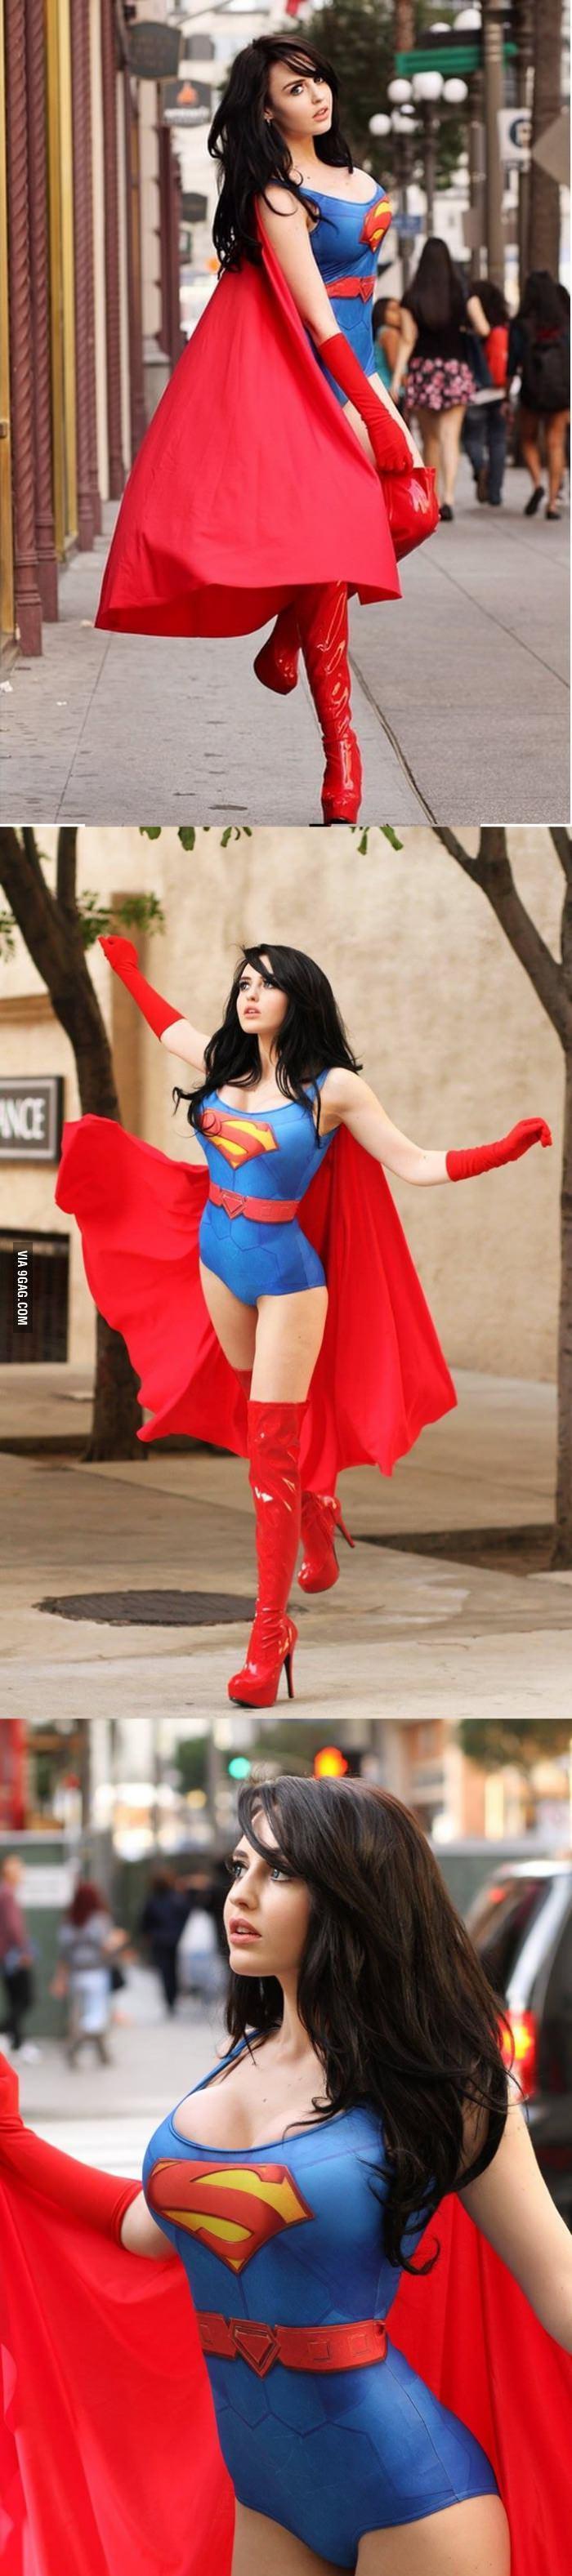 Красивые картинки Фото Девушка косплей Supergirl